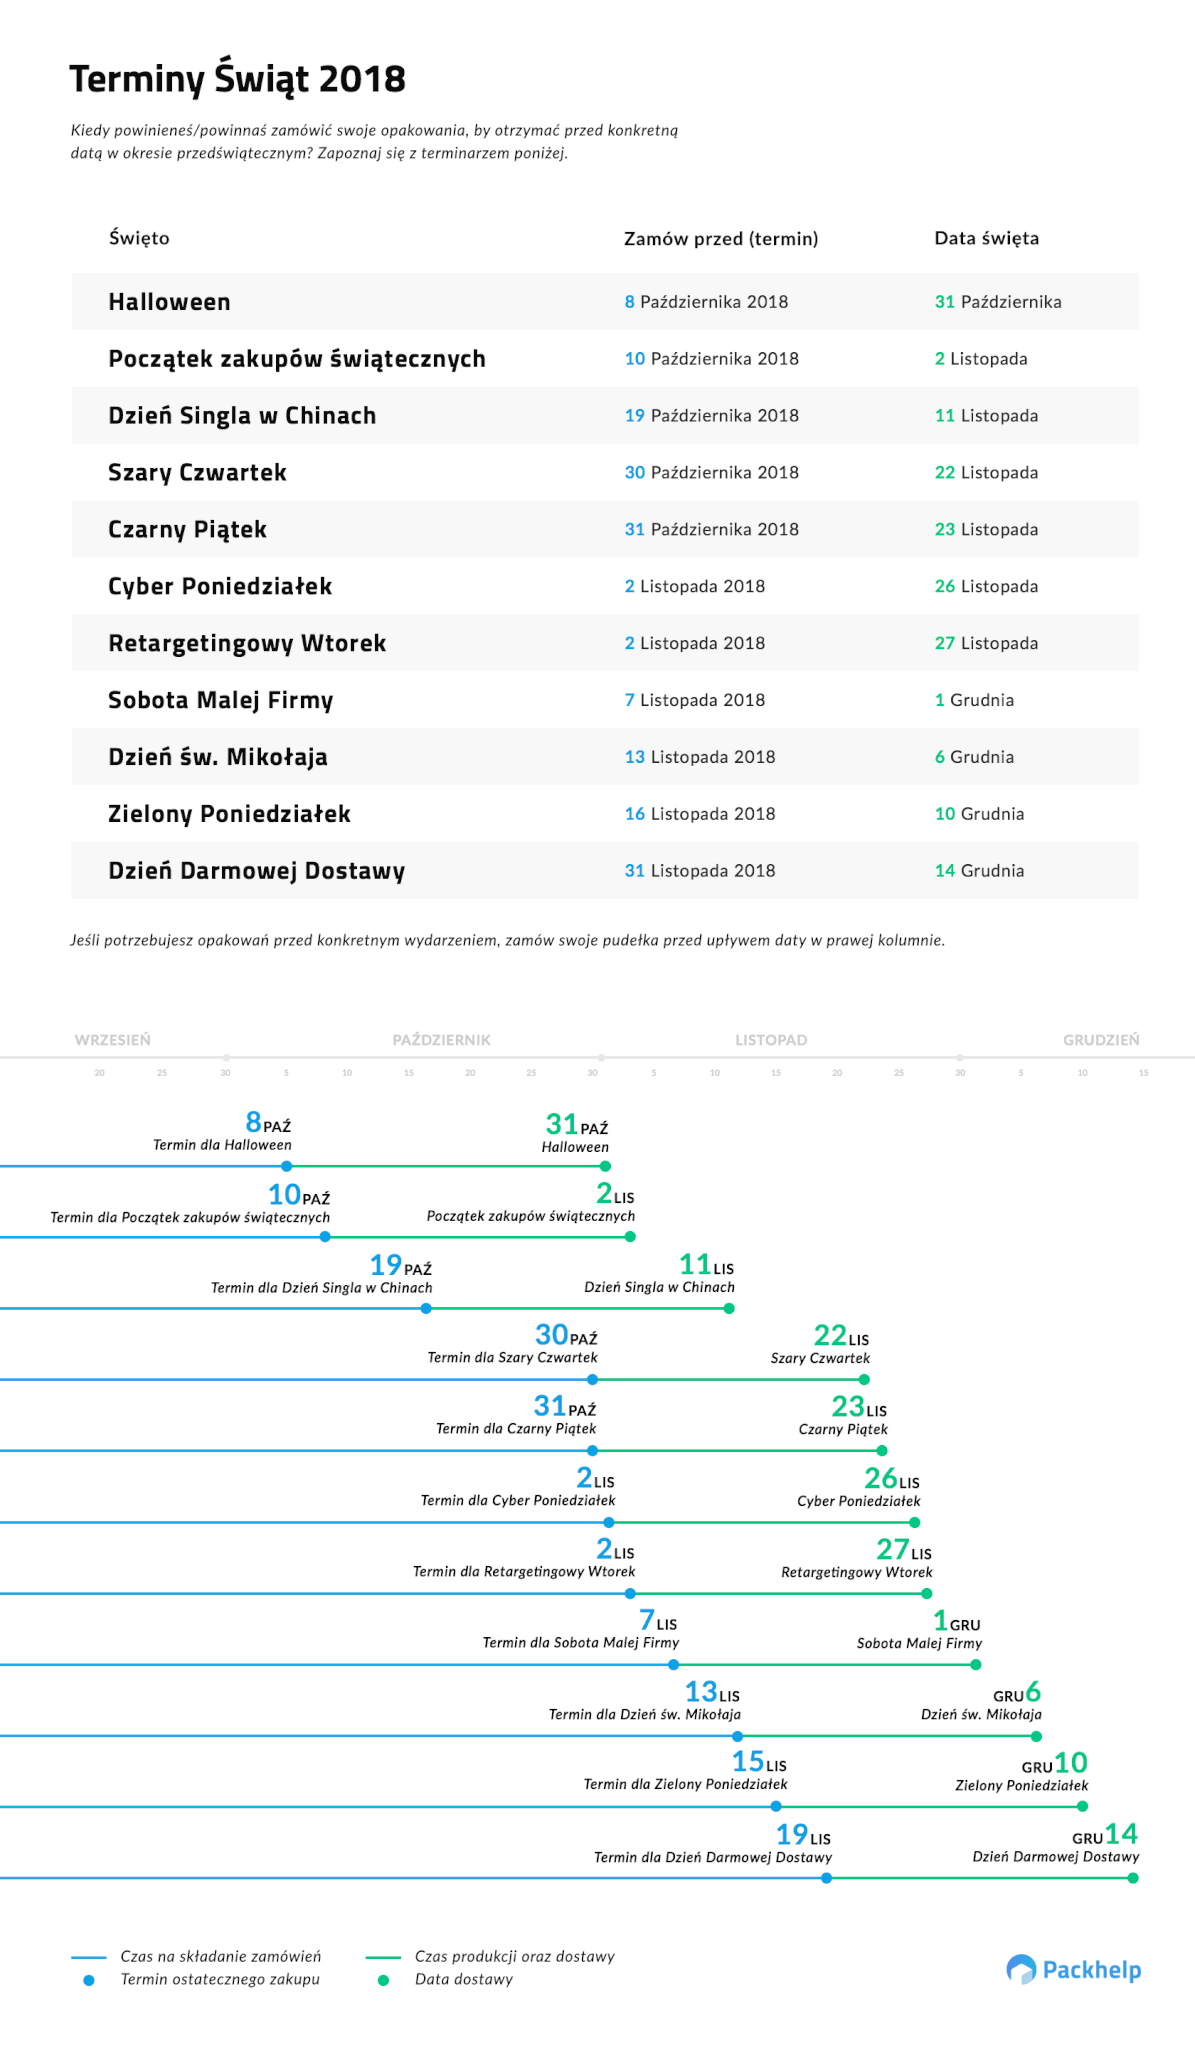 najważniejsze daty ecommerce 2018